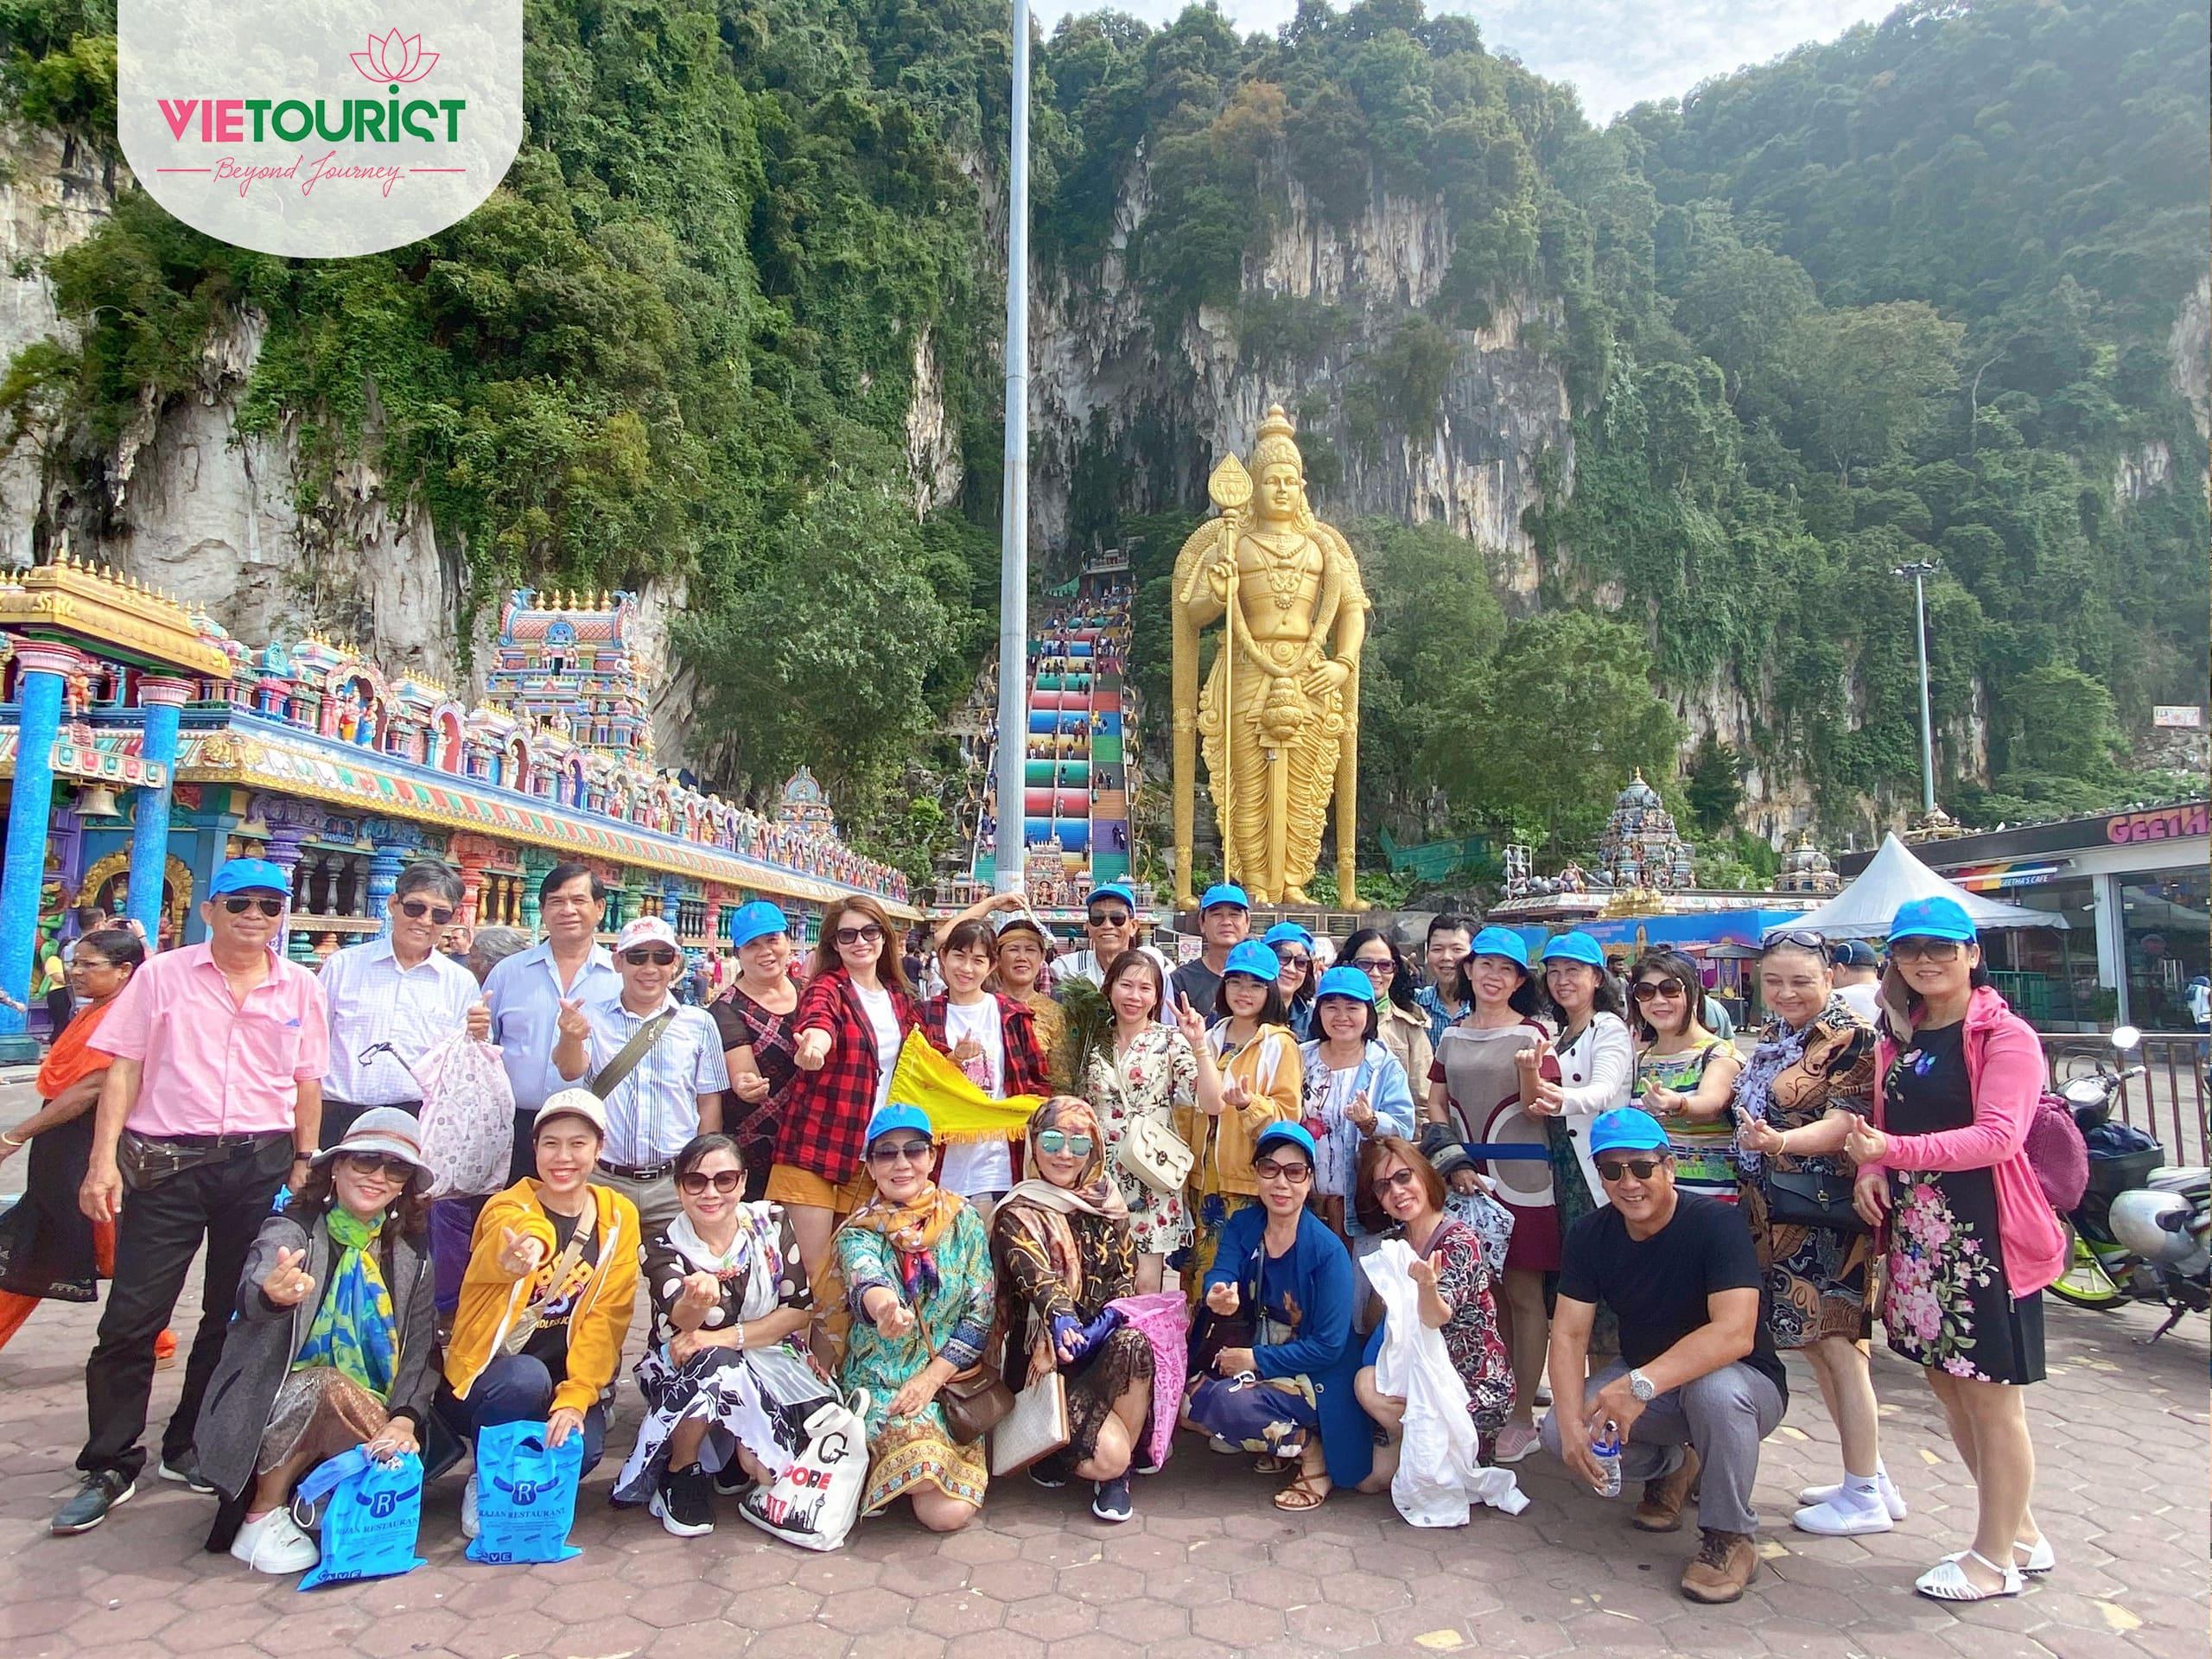 Khách hàng tham gia tour Singapore Malaysia cùng VieTourist